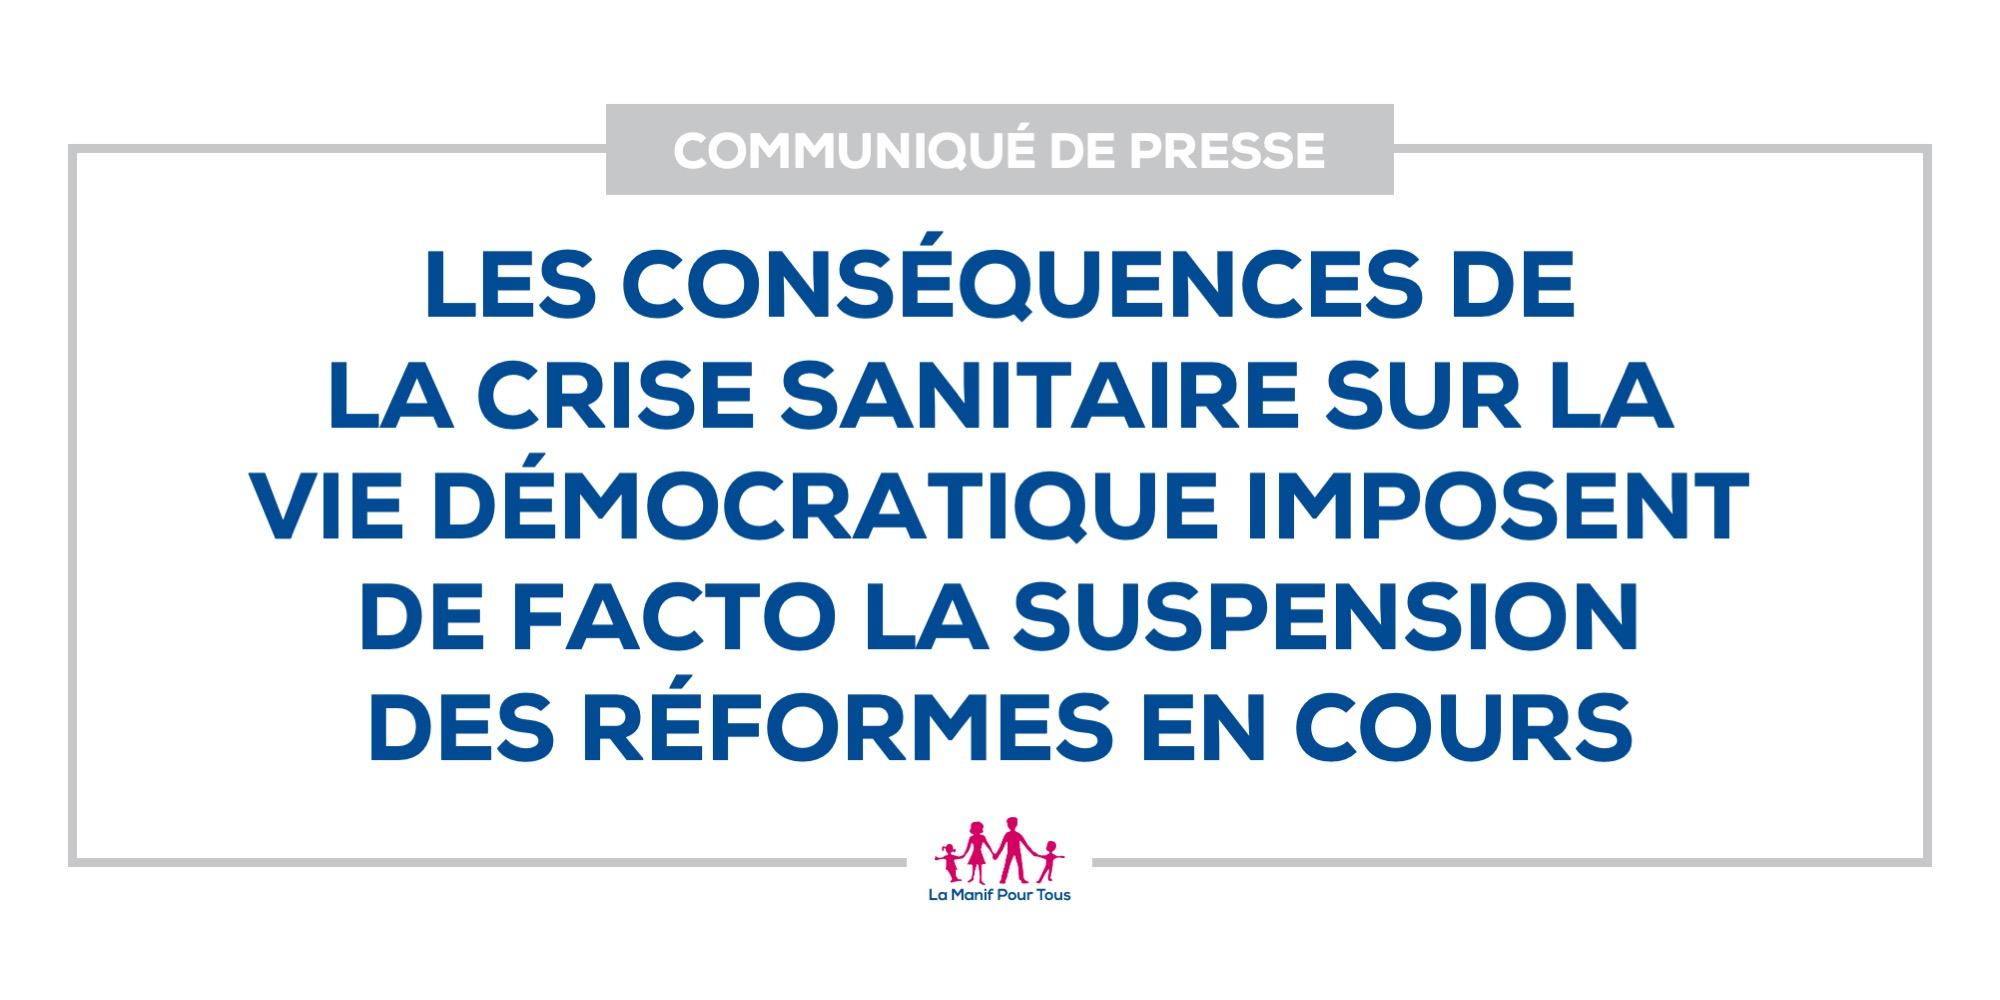 Image - Les conséquences de la crise sanitaire sur la vie démocratique imposent de facto la suspension des réformes en cours